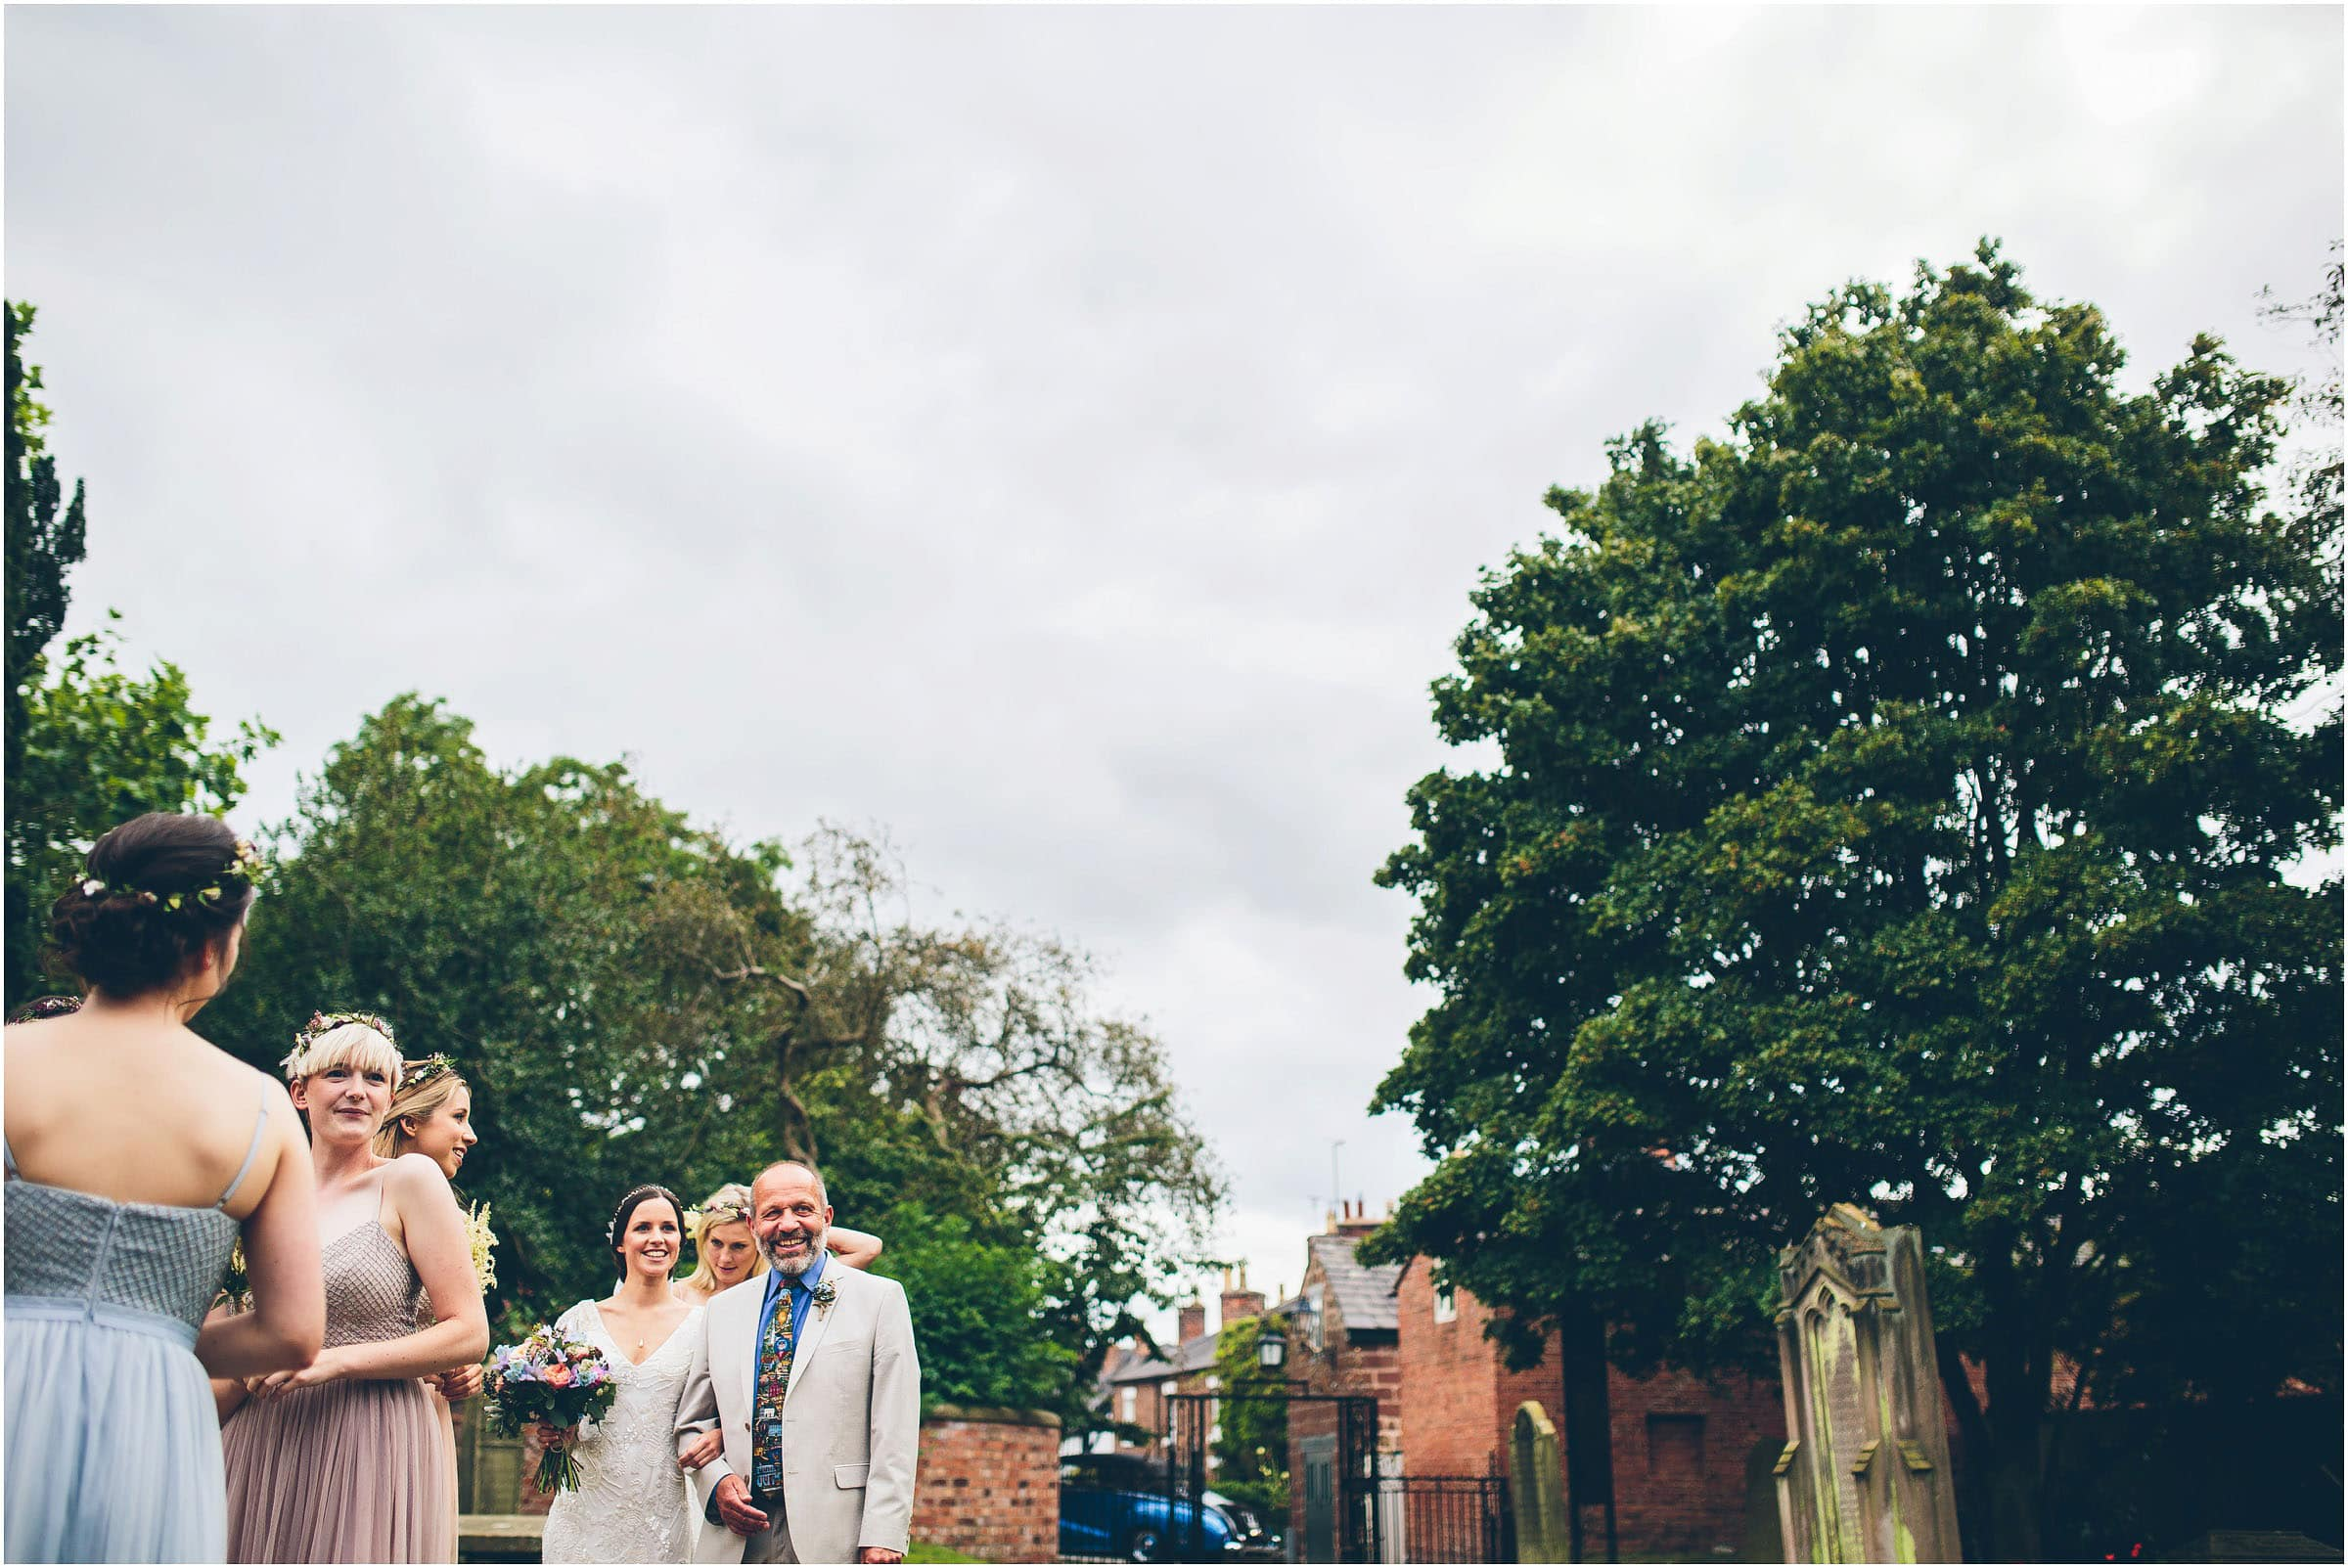 Harthill_Weddings_Wedding_Photography_0043